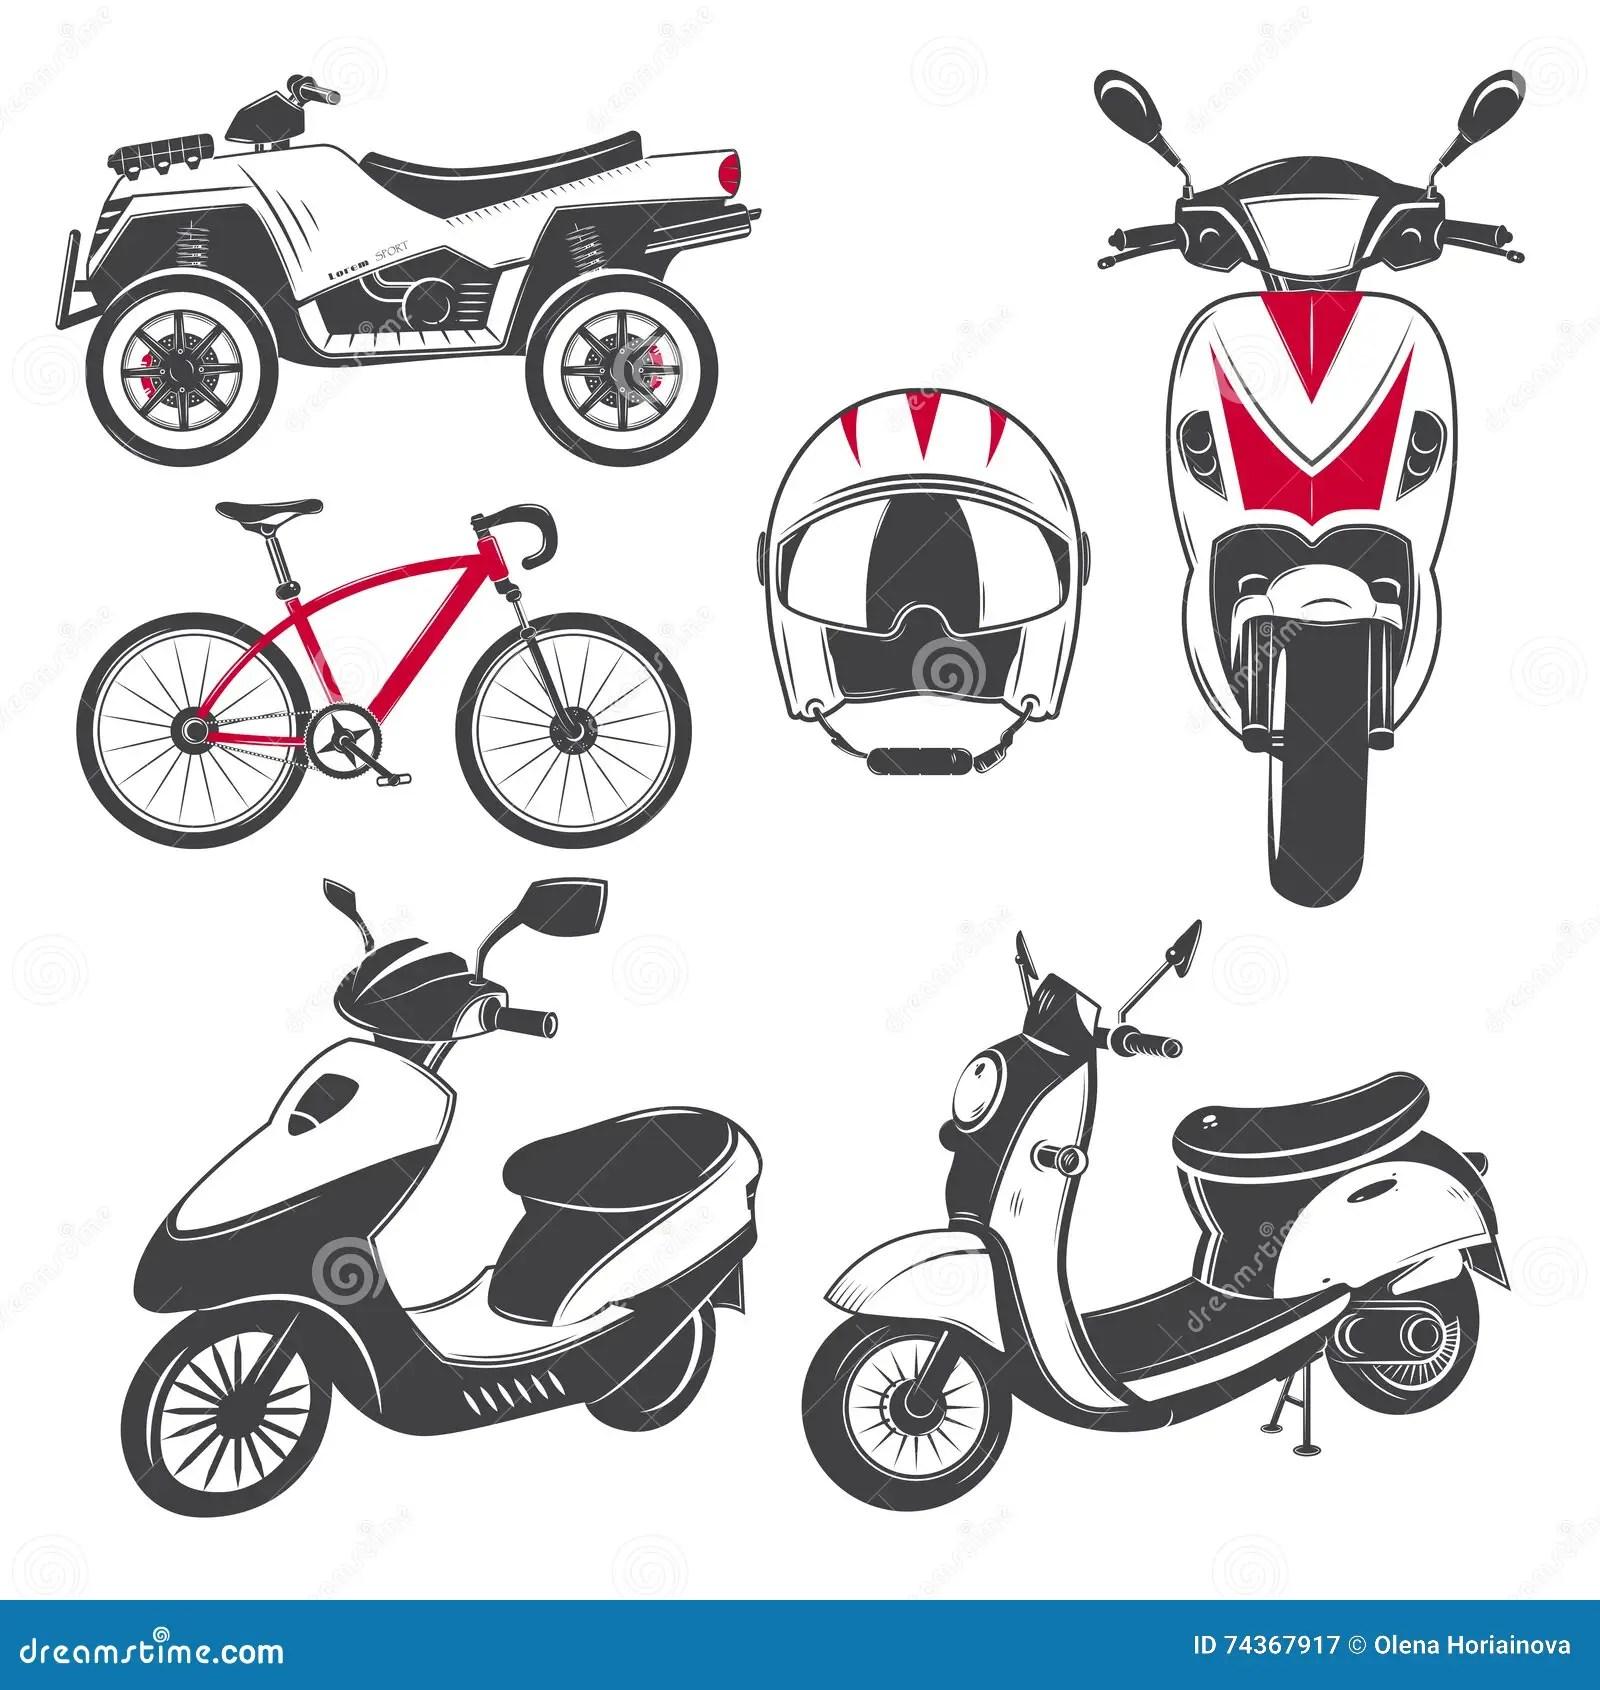 Moped Bike